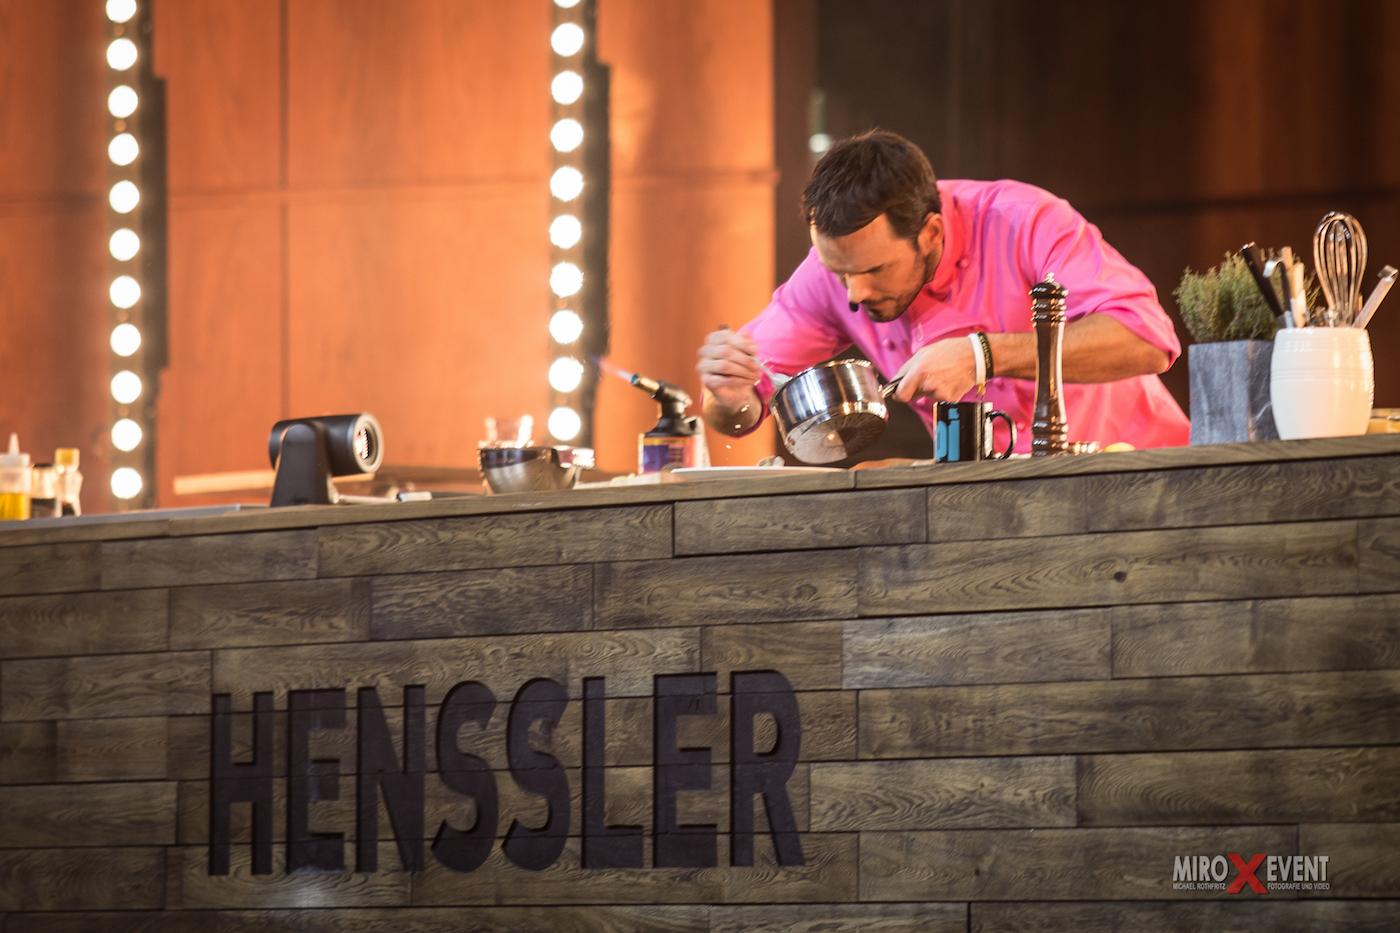 henssler-10-5